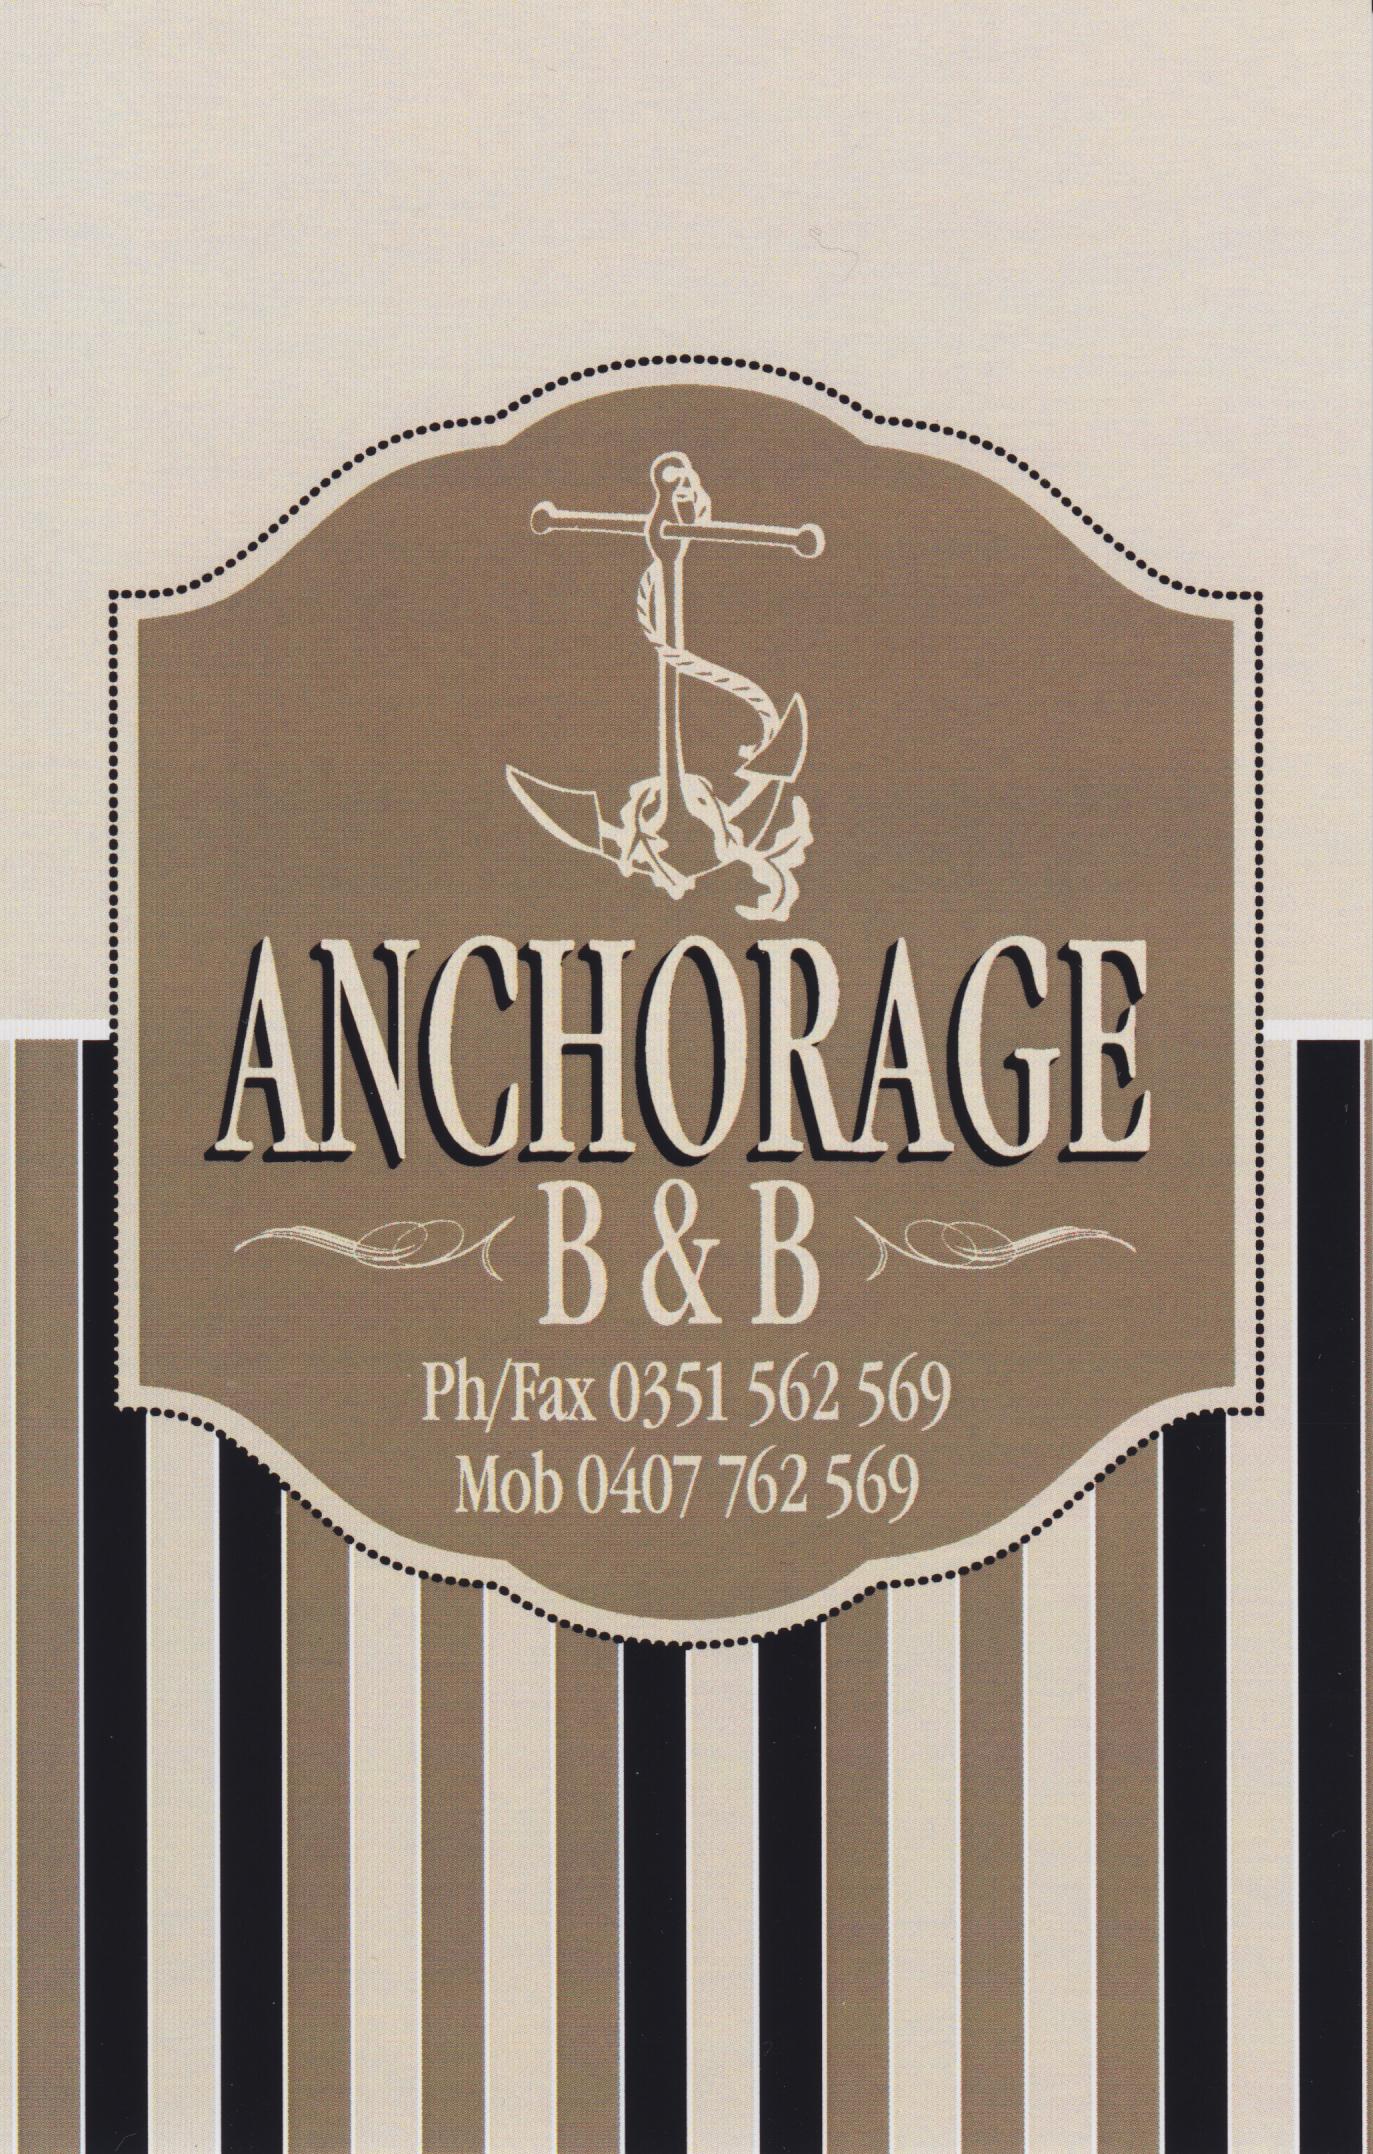 The Anchorage B&B